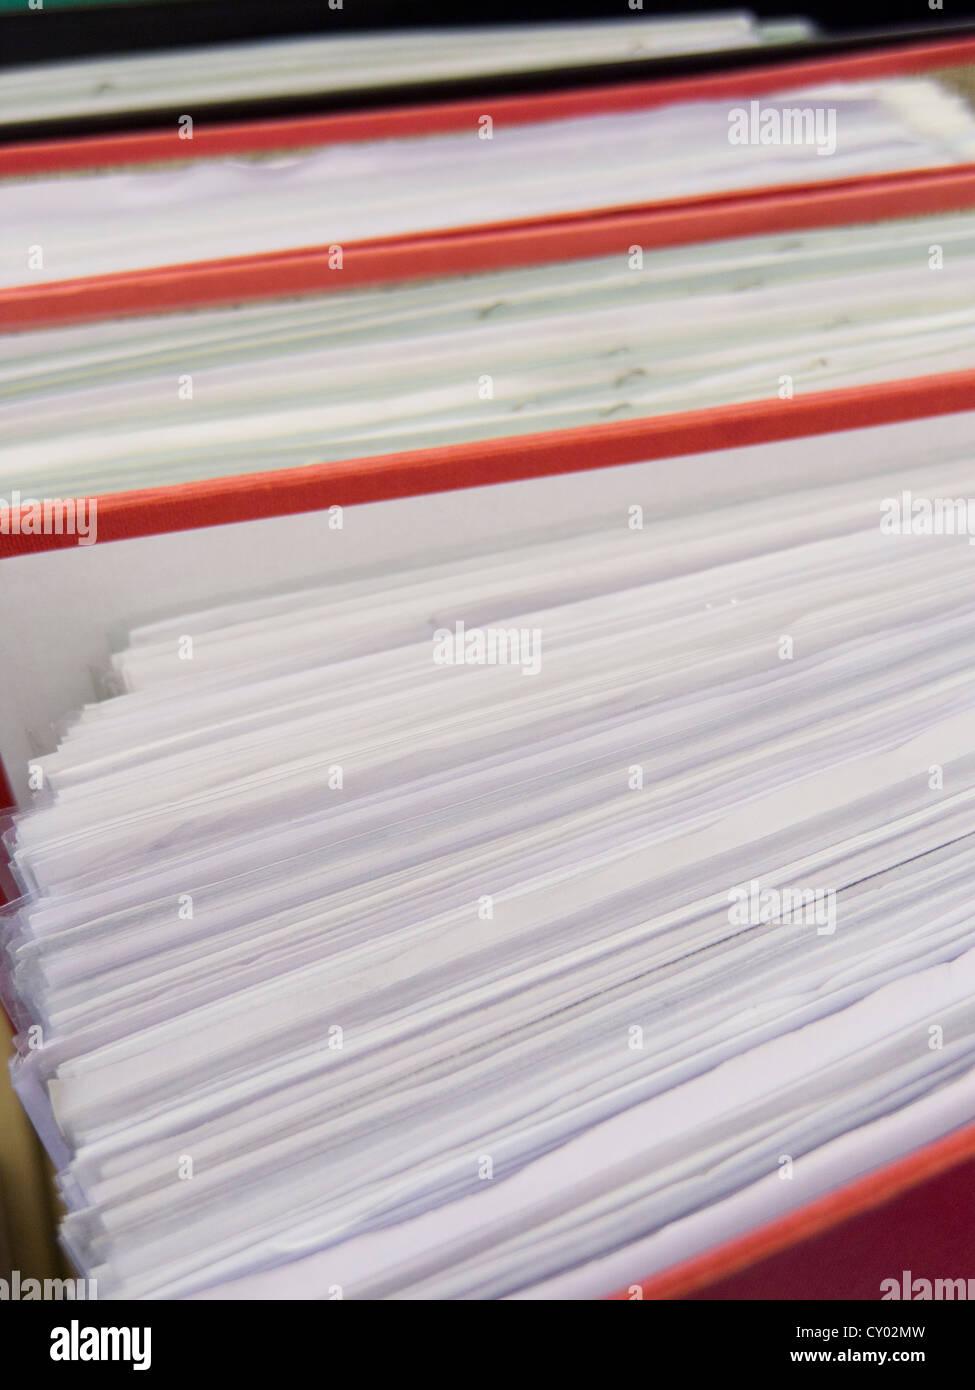 files full of paperwork. - Stock Image